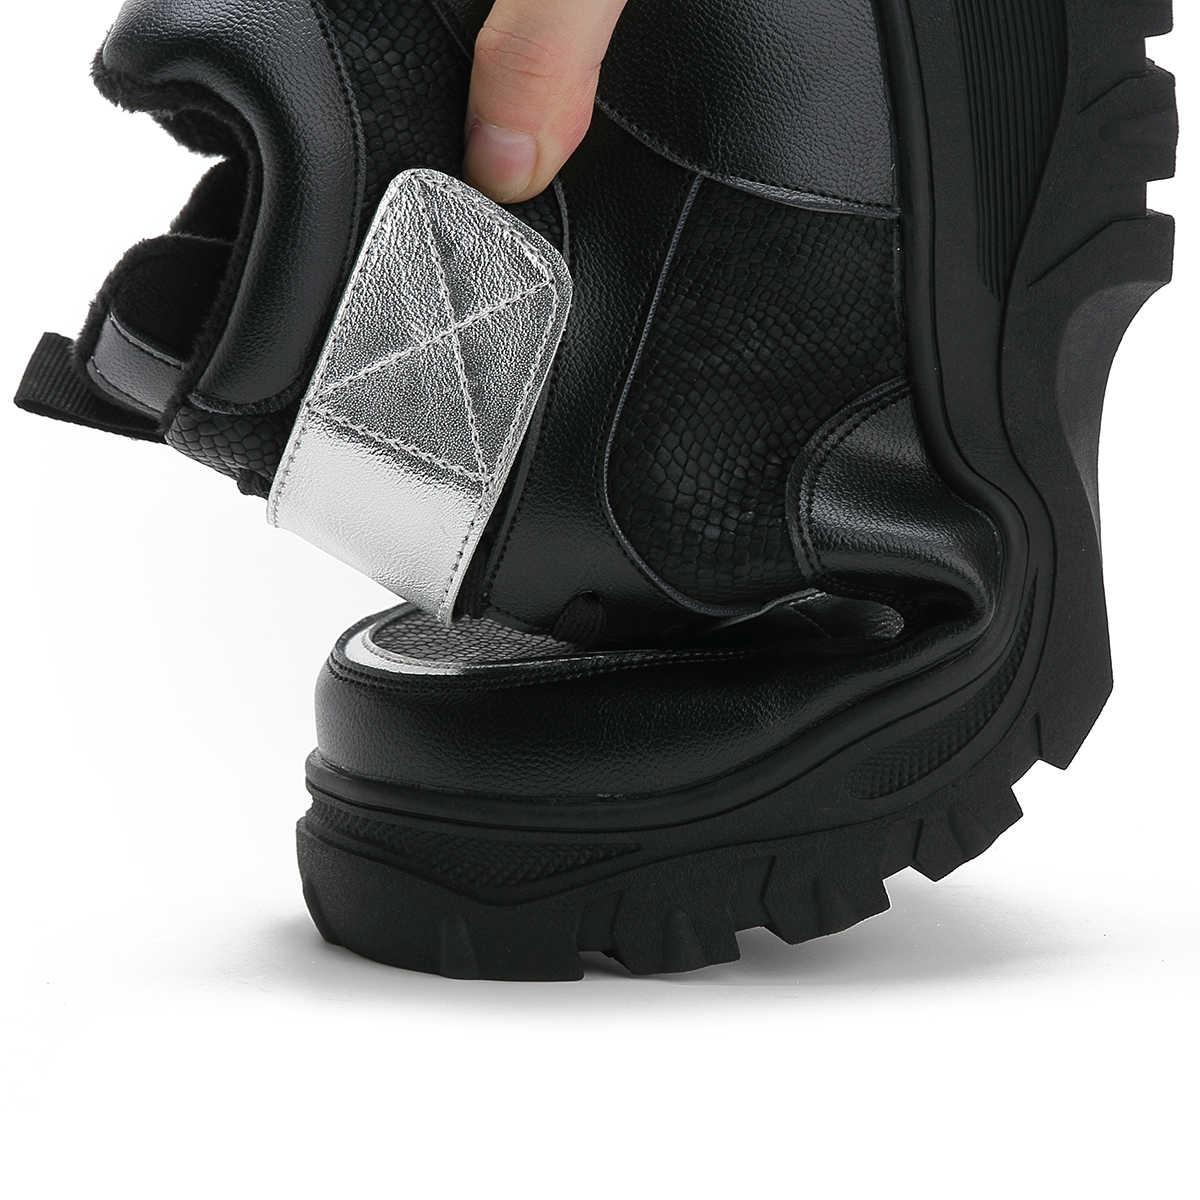 Fujin/женские ботинки; зимние ботинки; Плюшевые ботинки на плоской платформе; женские теплые водонепроницаемые зимние ботинки на молнии с волшебной лентой